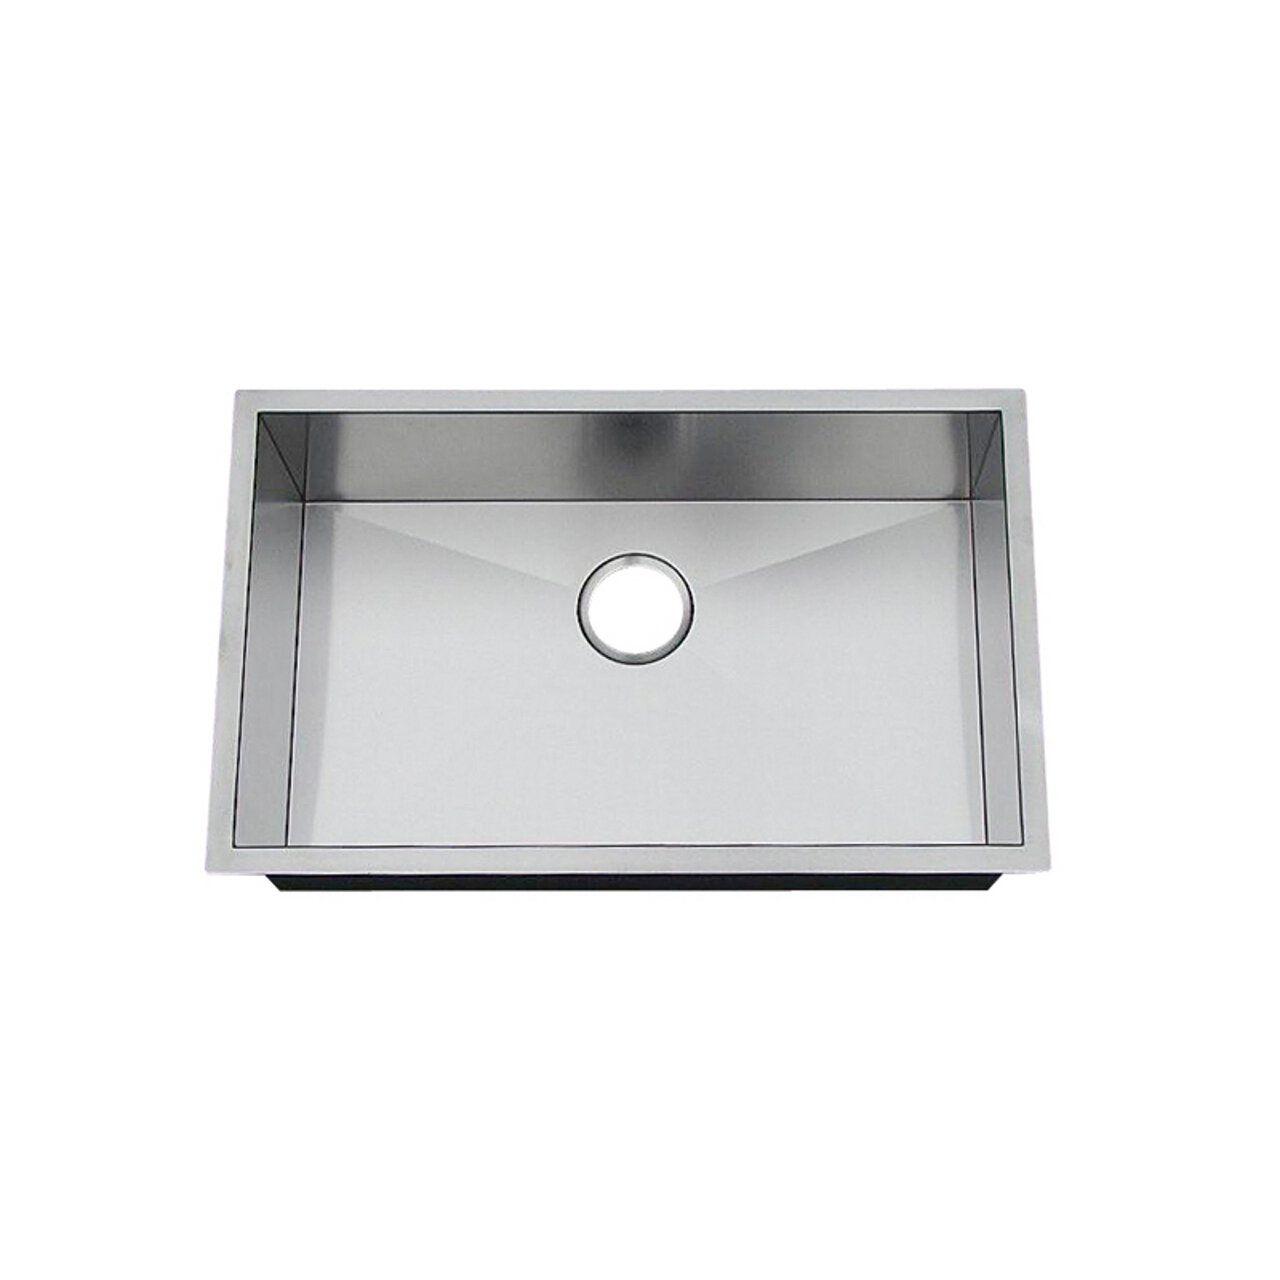 Frigidaire Fpur2919 D10 27 Inch By 17 Inch By 10 Inch Undermount 16 Stainless Steel Kitchen Sink Undermount Stainless Steel Sinks Stainless Steel Kitchen Sink